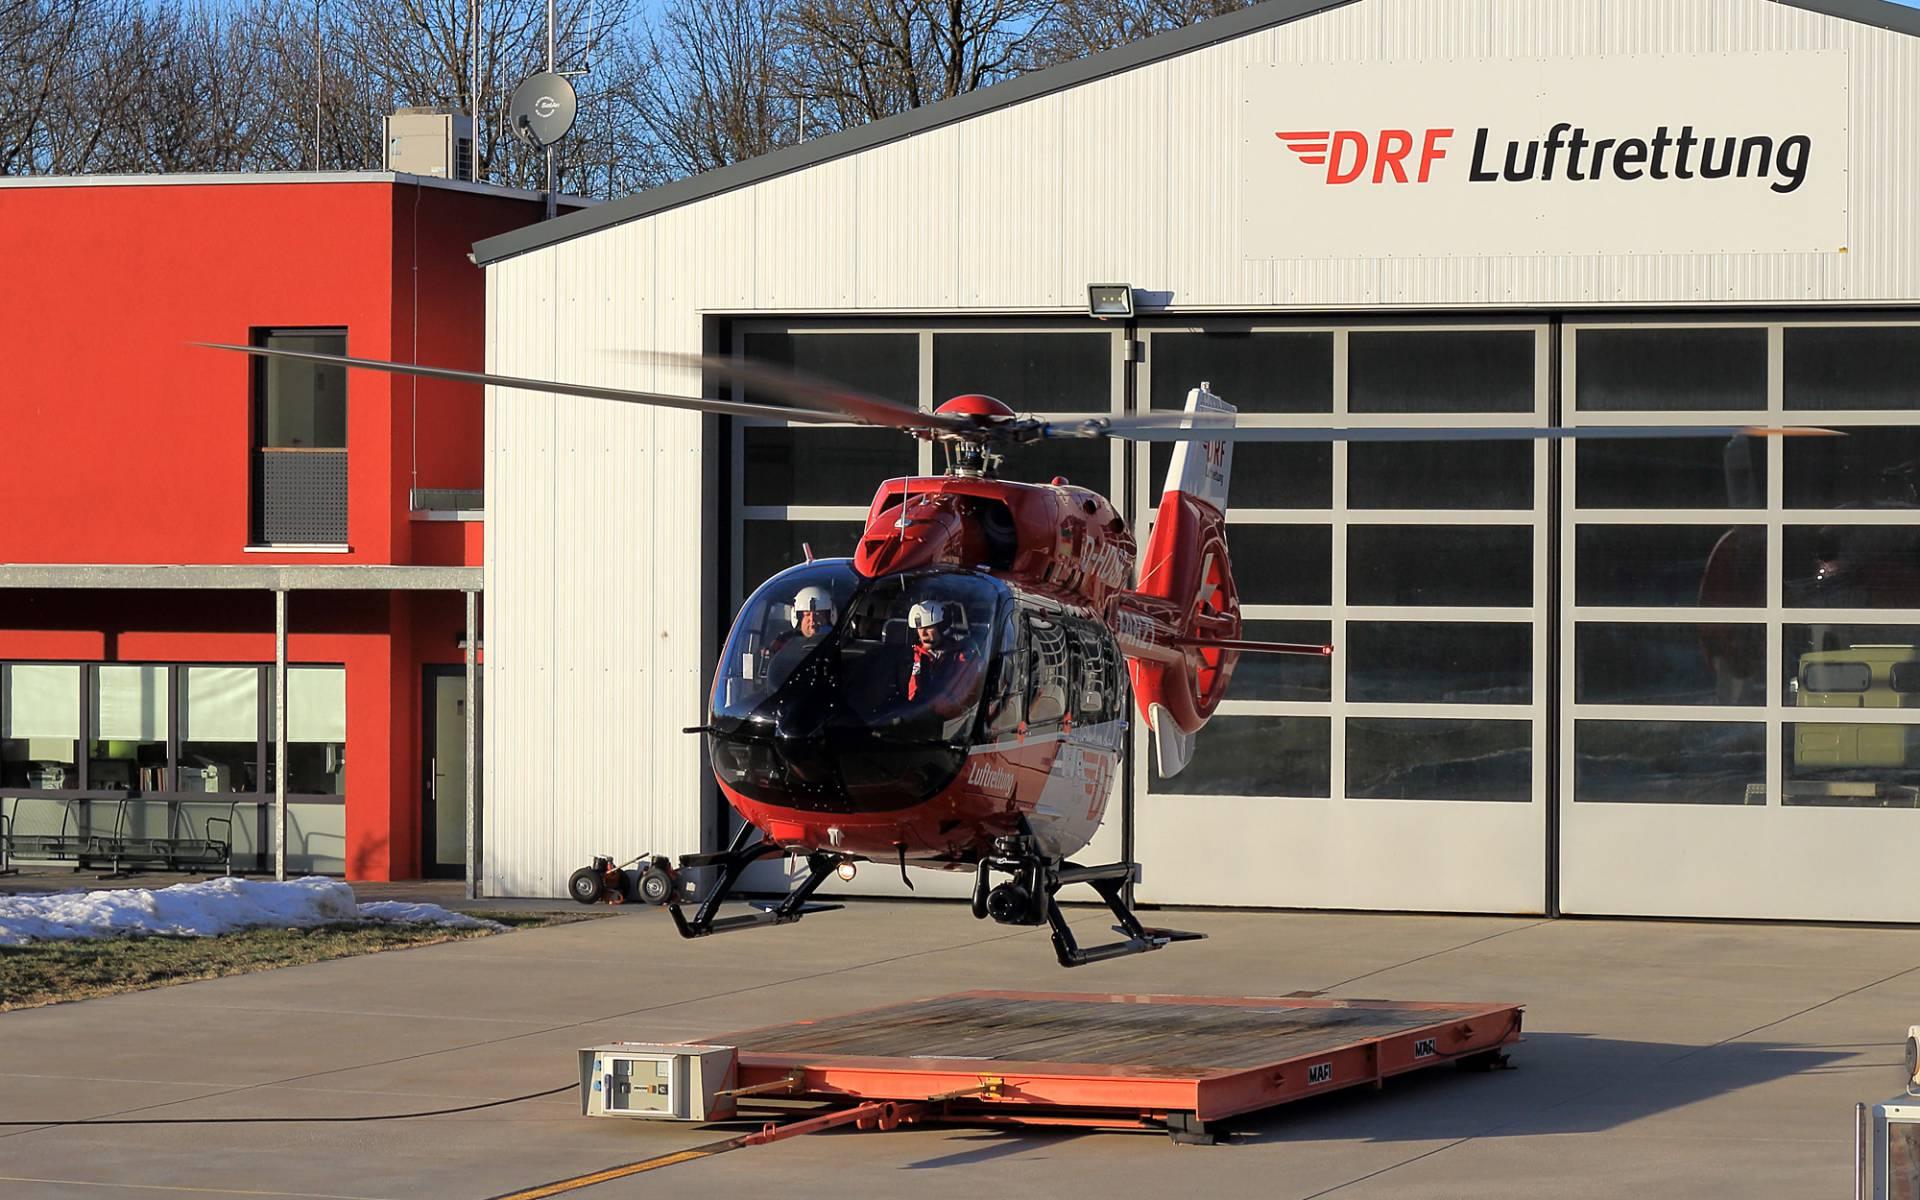 Christoph München der HDM Luftrettung an der Station. Autor: Alexander Spitzbarth